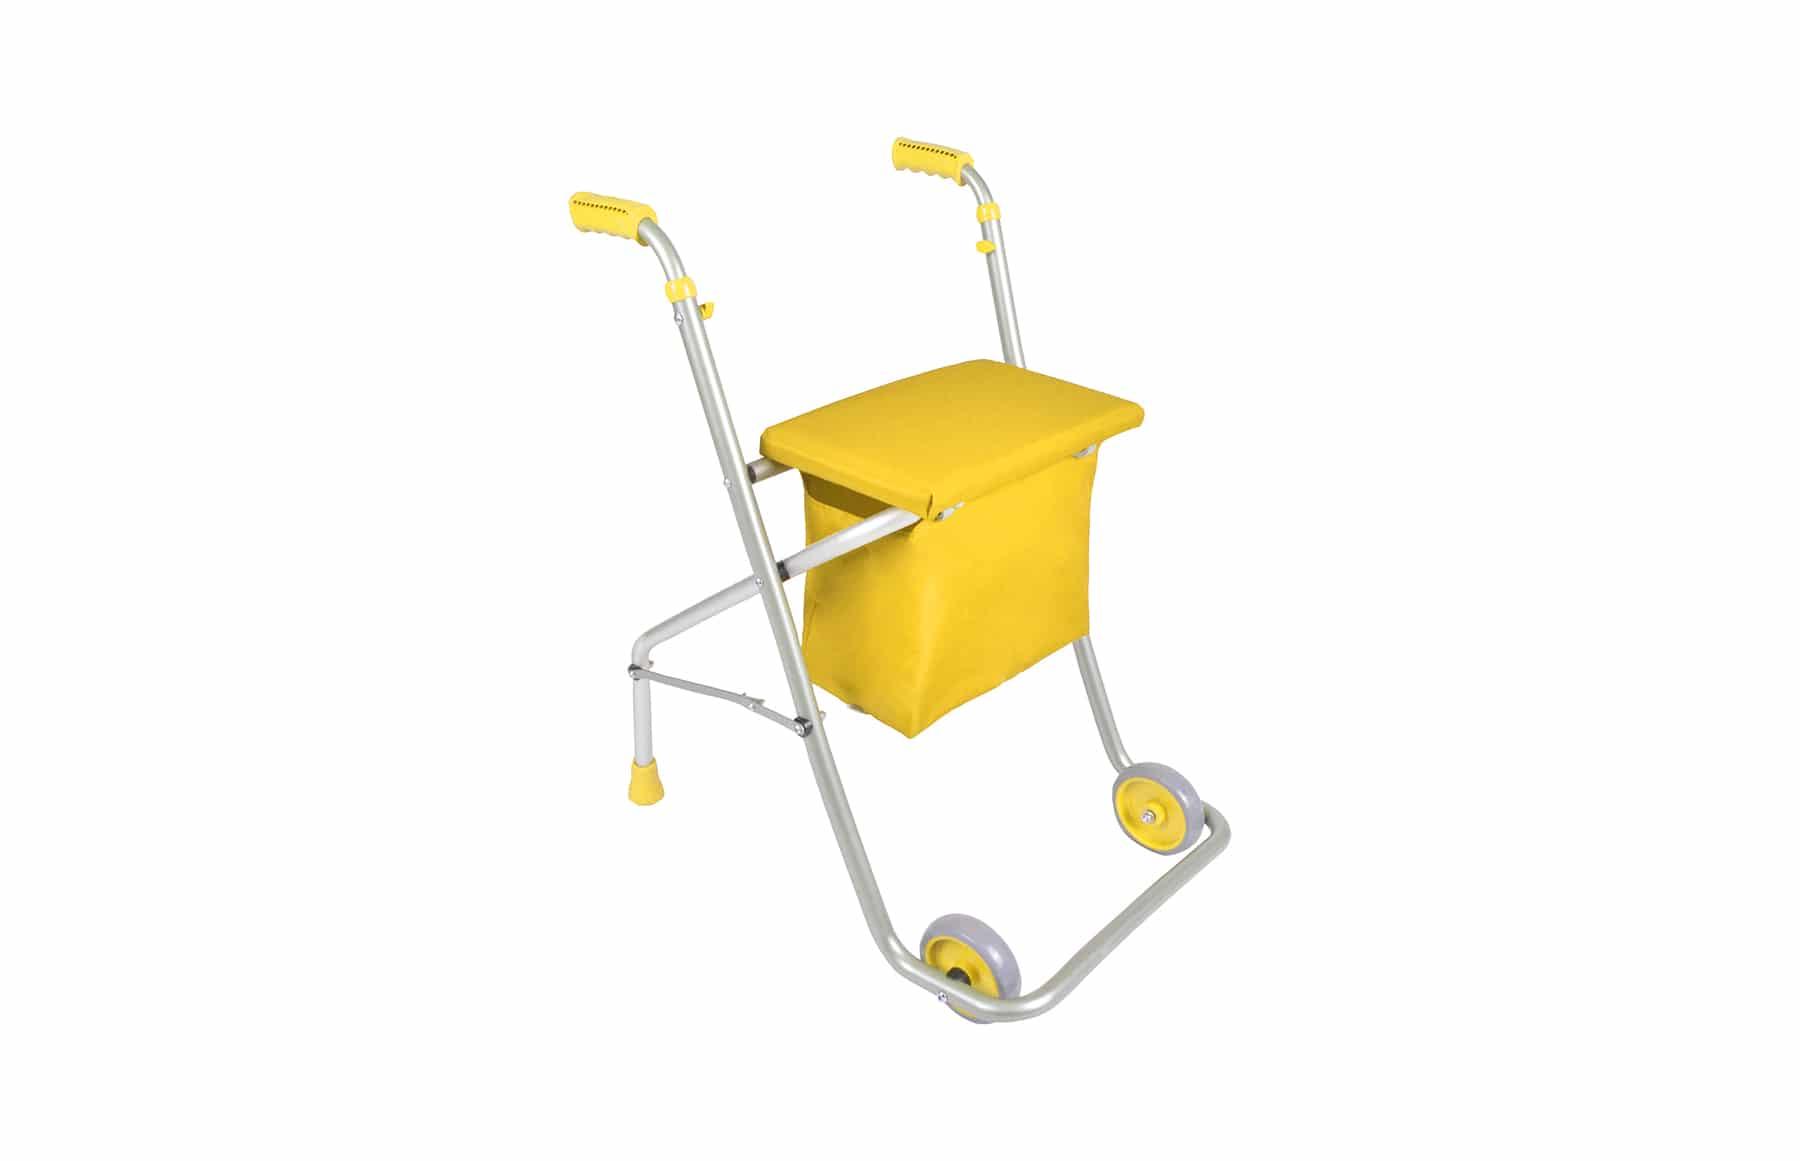 Andarilho A5 amarelo da Orthos XXI